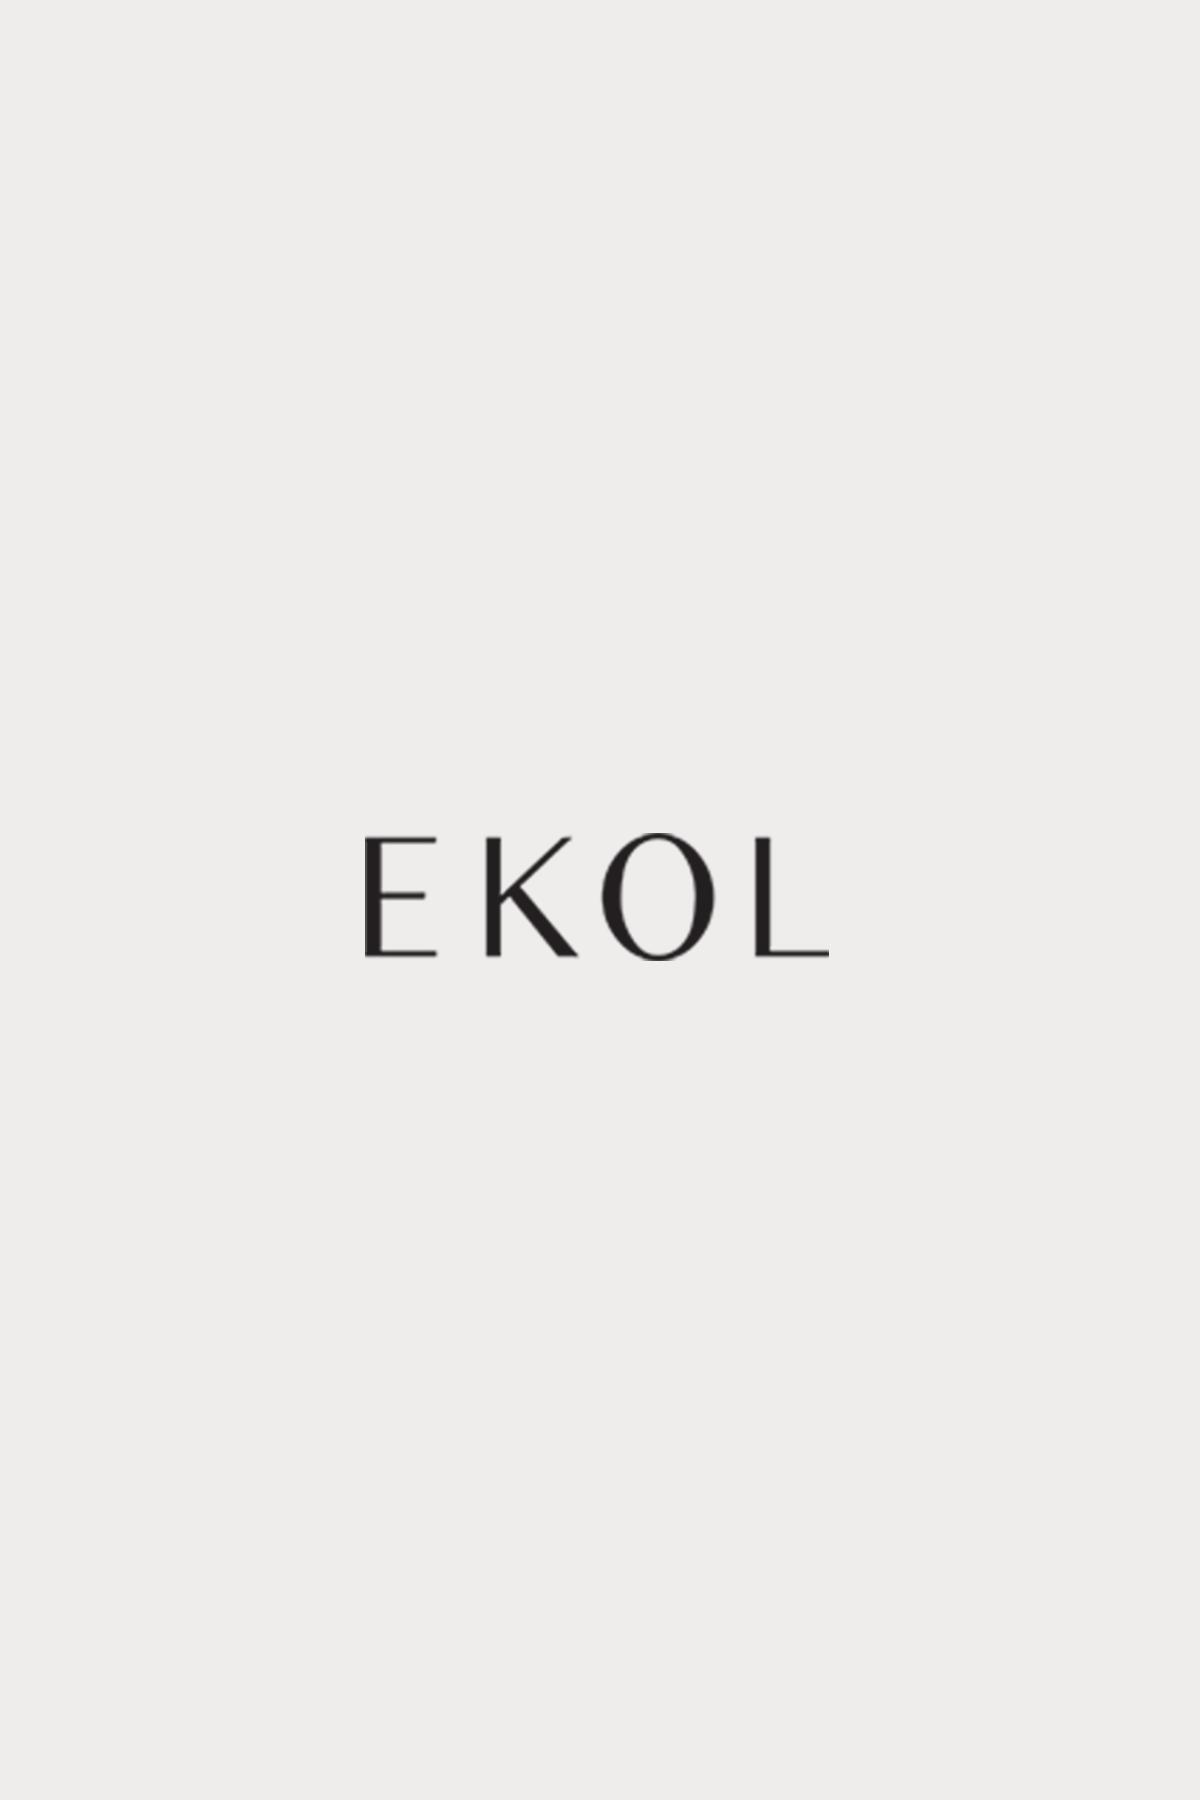 a9256c2fae90b Ekol Askılı Çiçek Desenli Uzun Elbise Ekol Askılı Çiçek Desenli Uzun Elbise